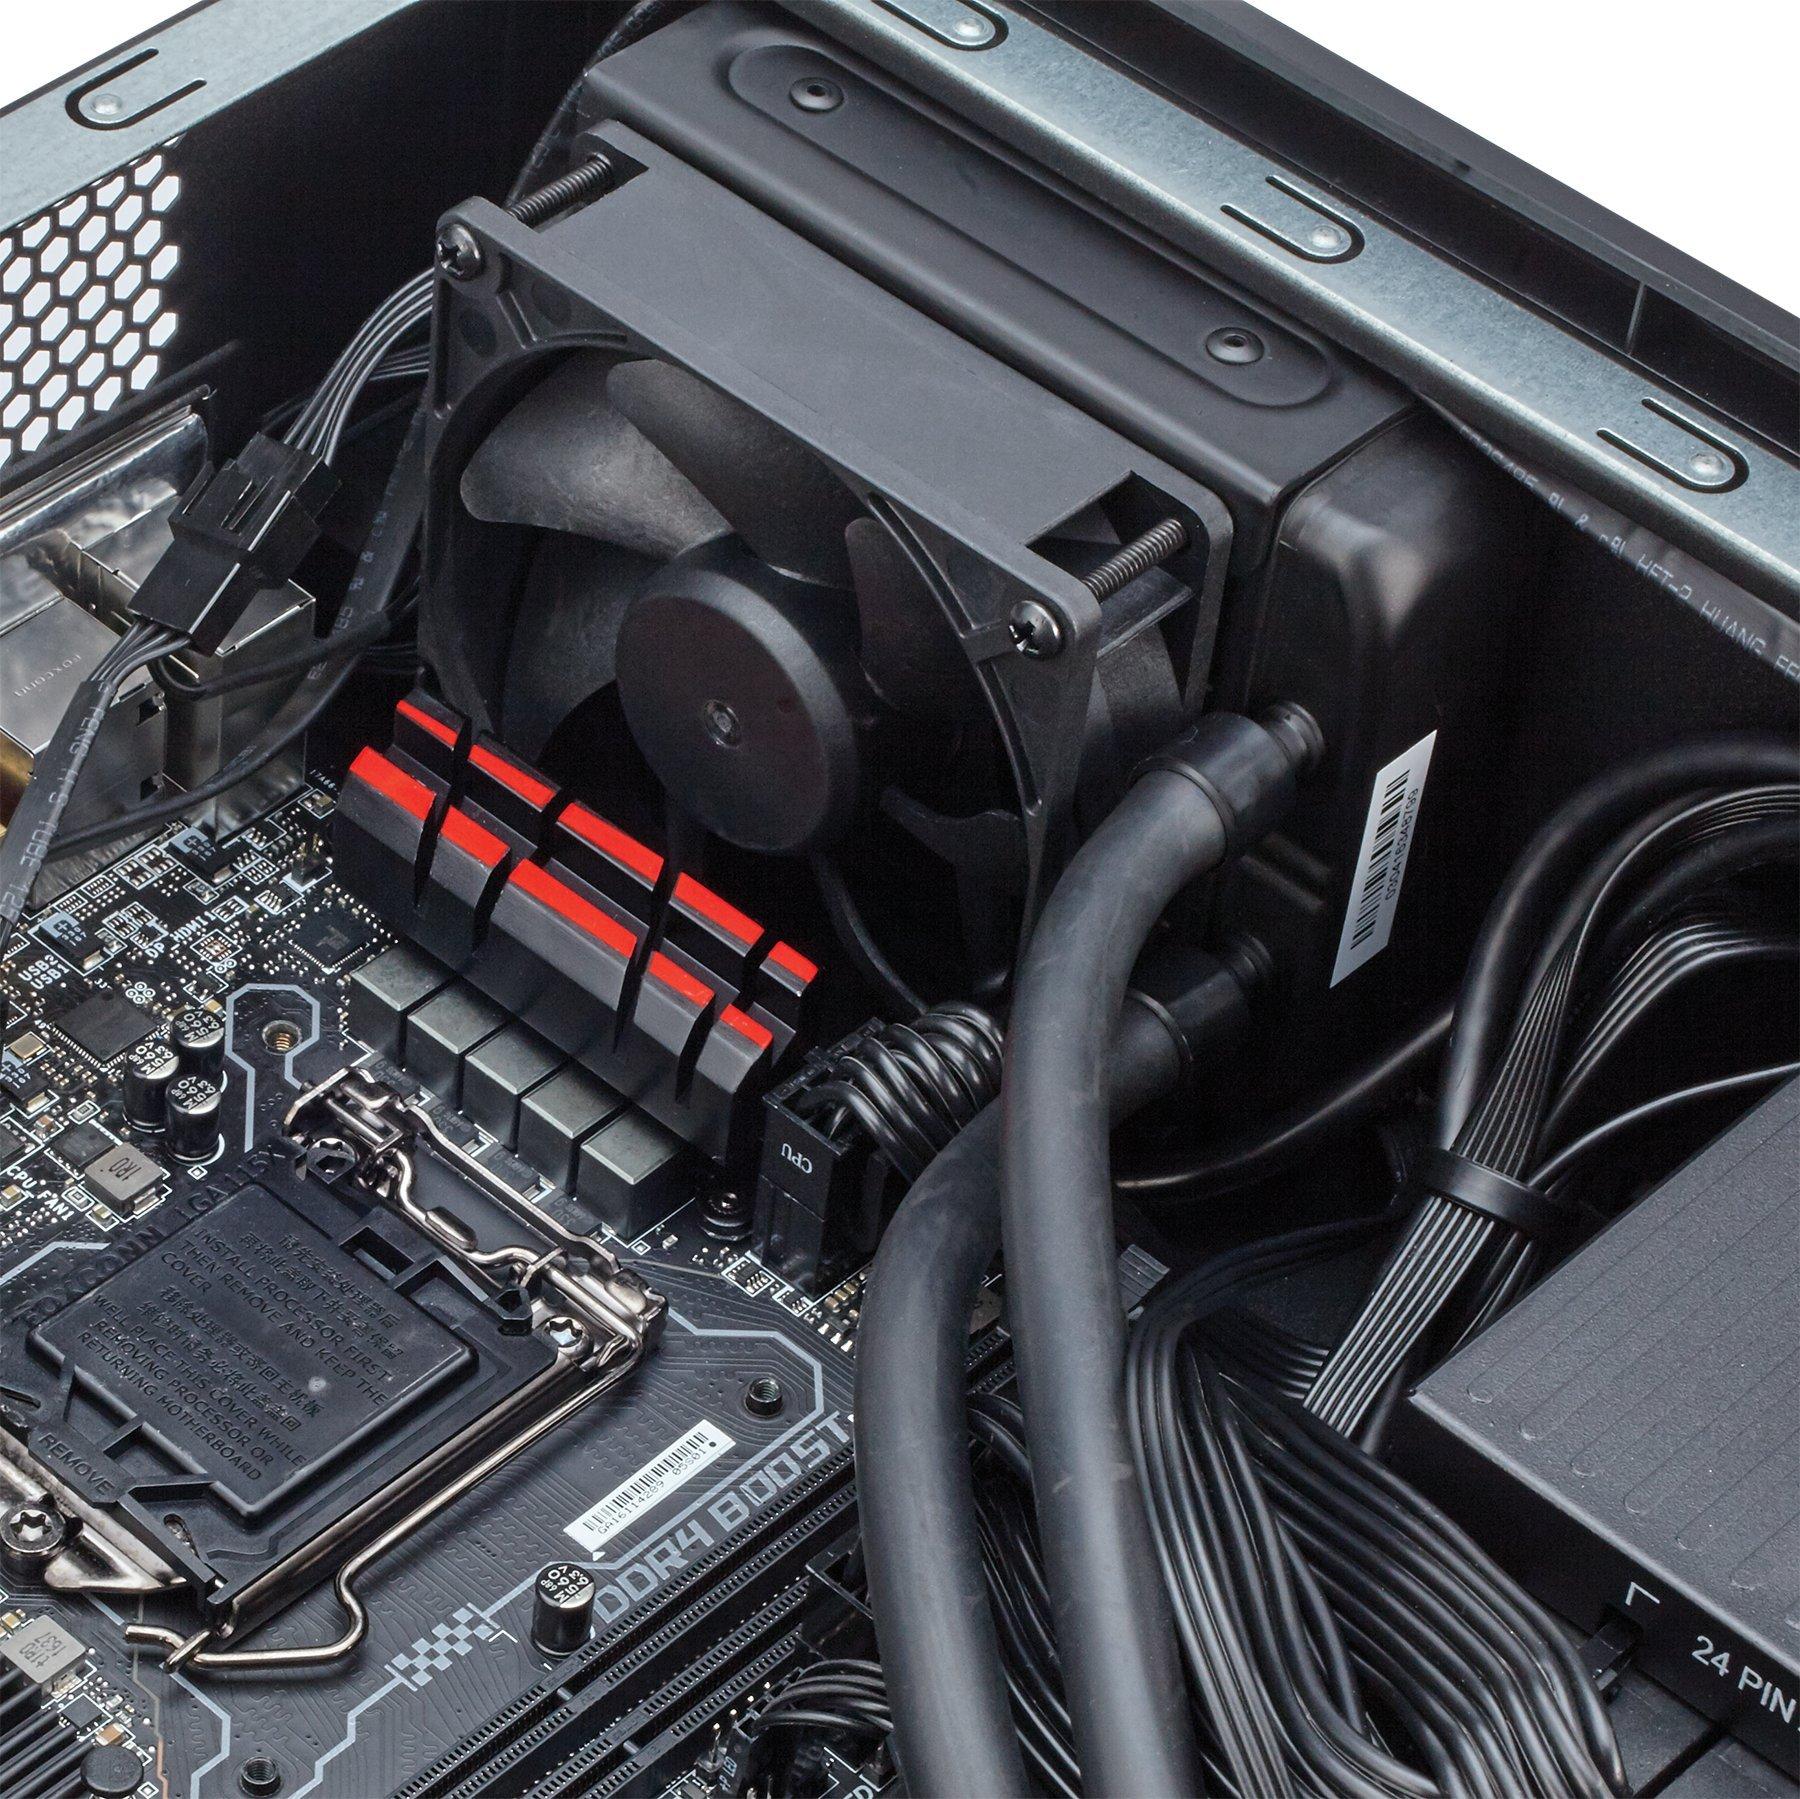 CORSAIR Bulldog (2.0) High Performance PC Barebone Kit by Corsair (Image #5)